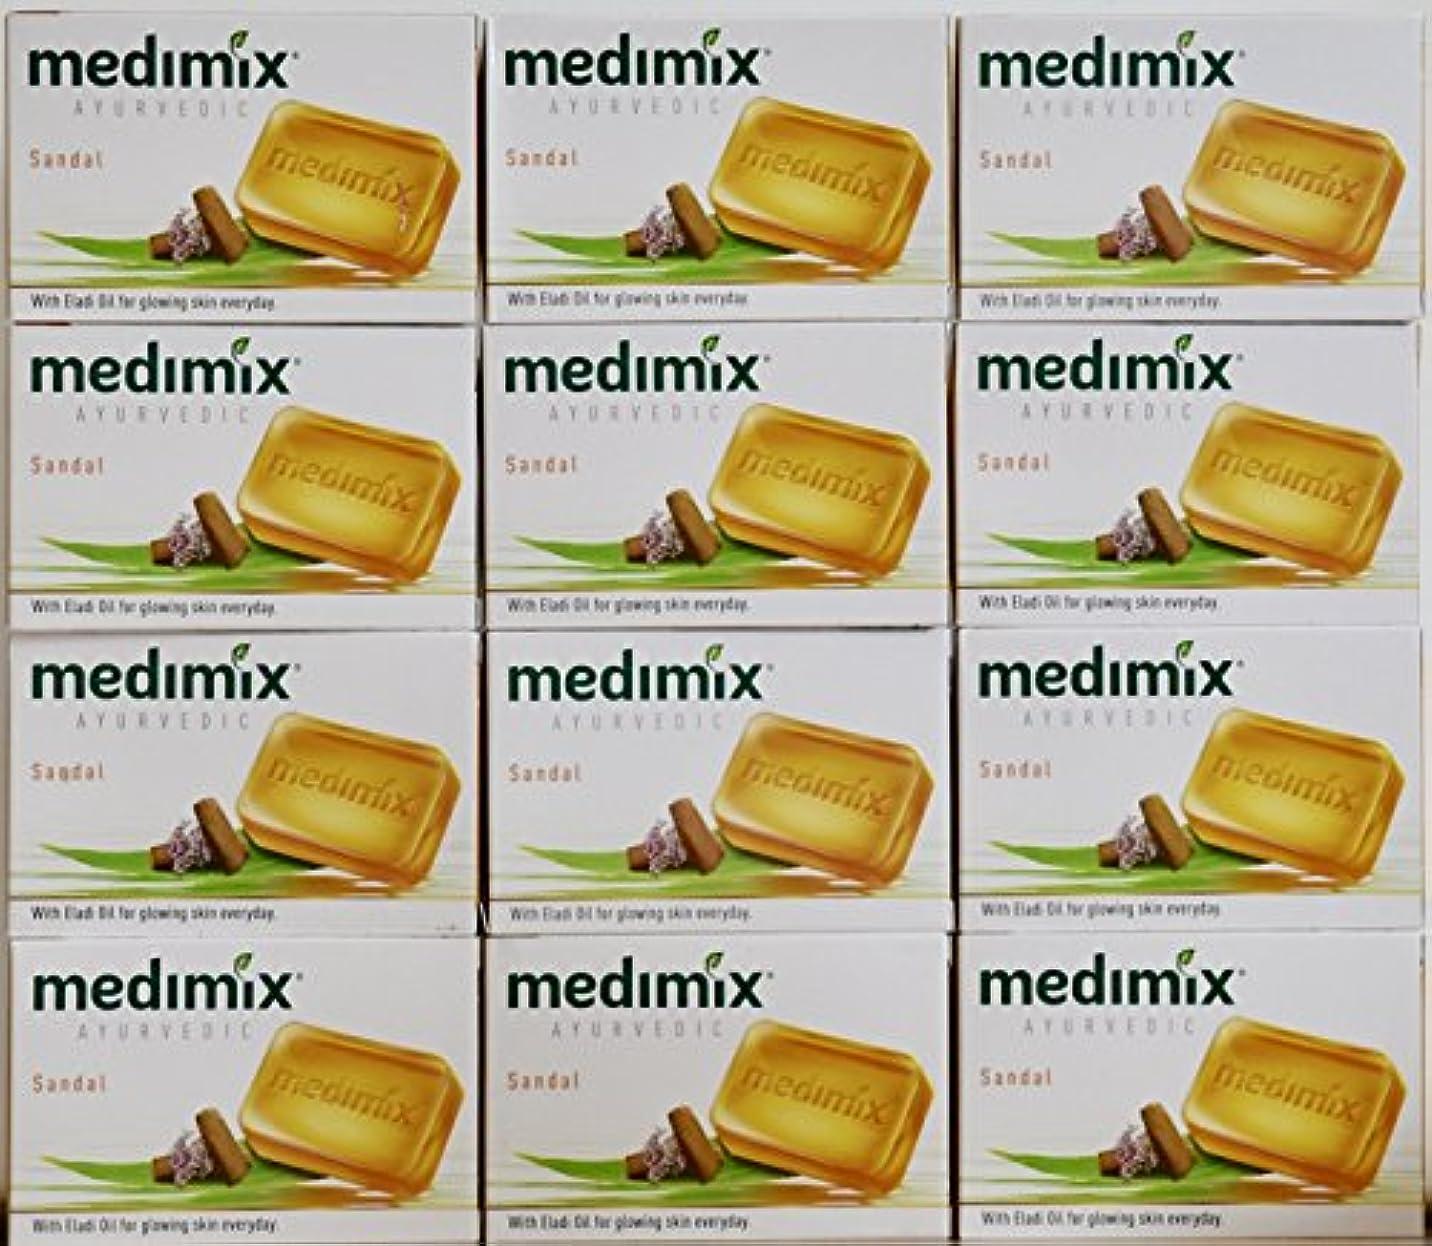 検索フロンティア石油medimix メディミックス アーユルヴェディックサンダル 石鹸(旧商品名クラシックオレンジ))125g 12個入り